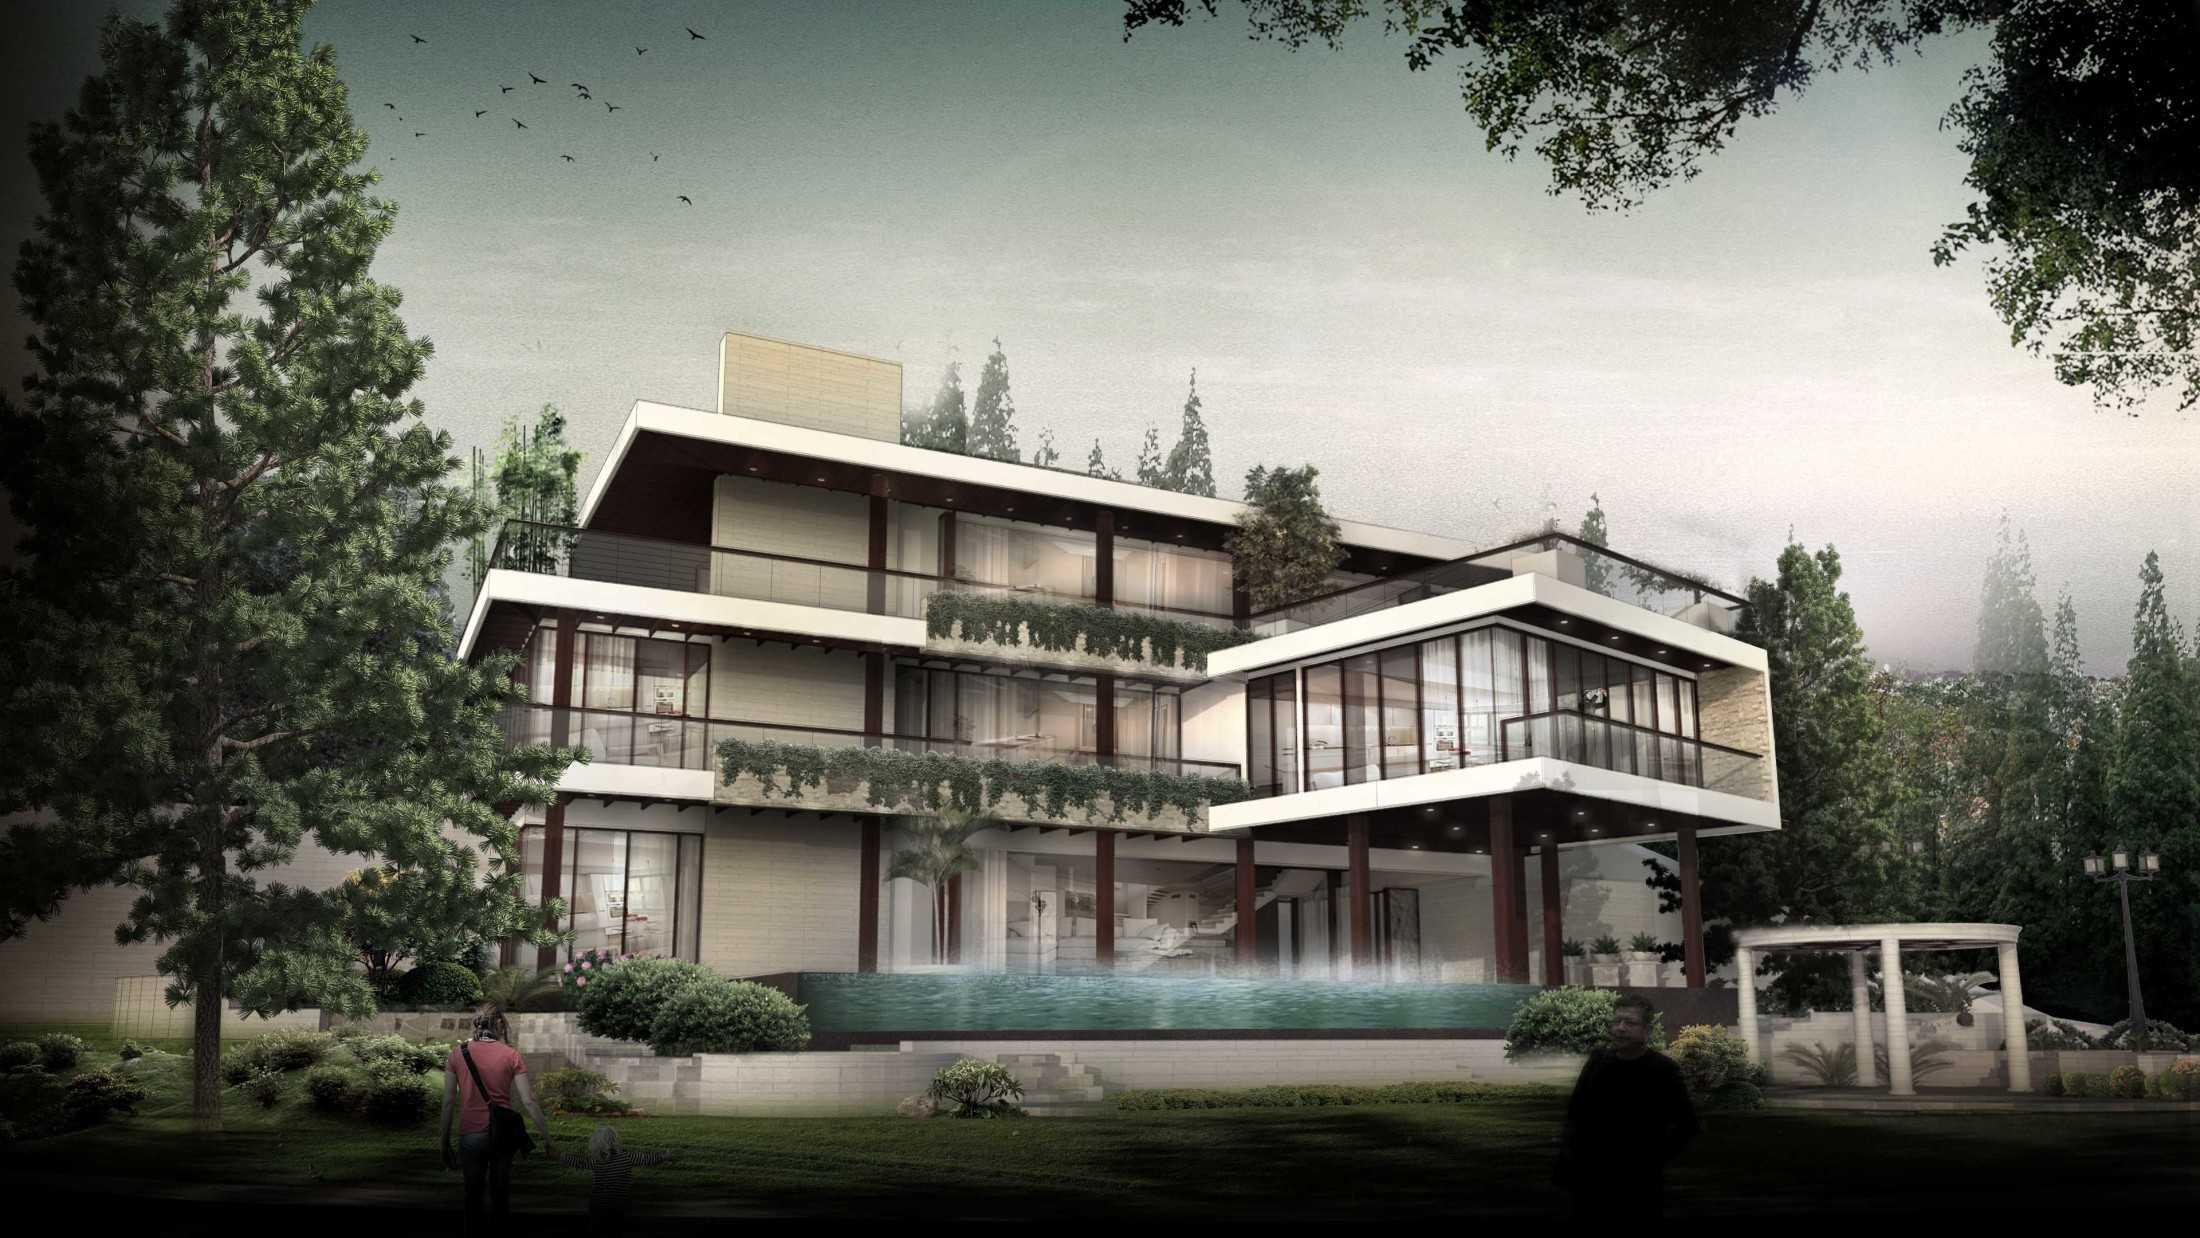 Alima Studio T House Bandung, Jawa Barat, Indonesia Bandung, Jawa Barat, Indonesia Alima-Studio-T-House  57237